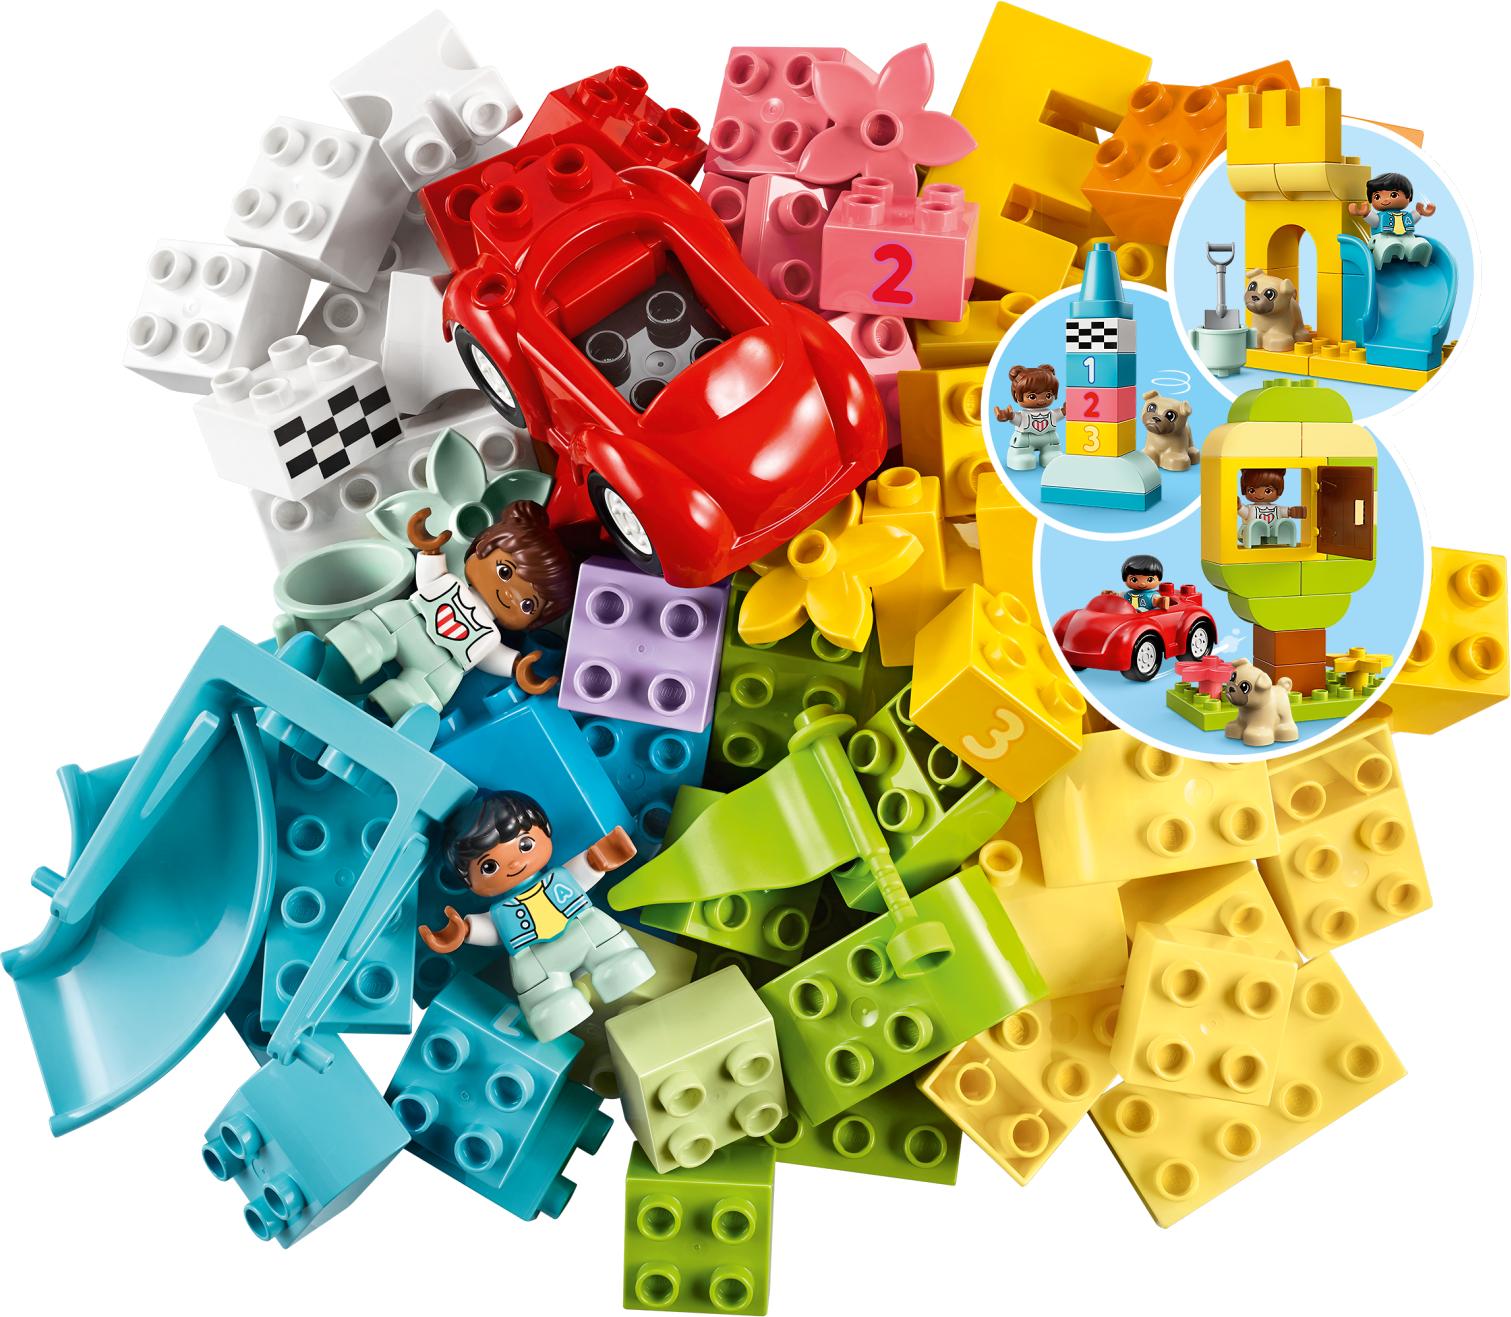 LEGO DUPLO Deluxe Brick Box